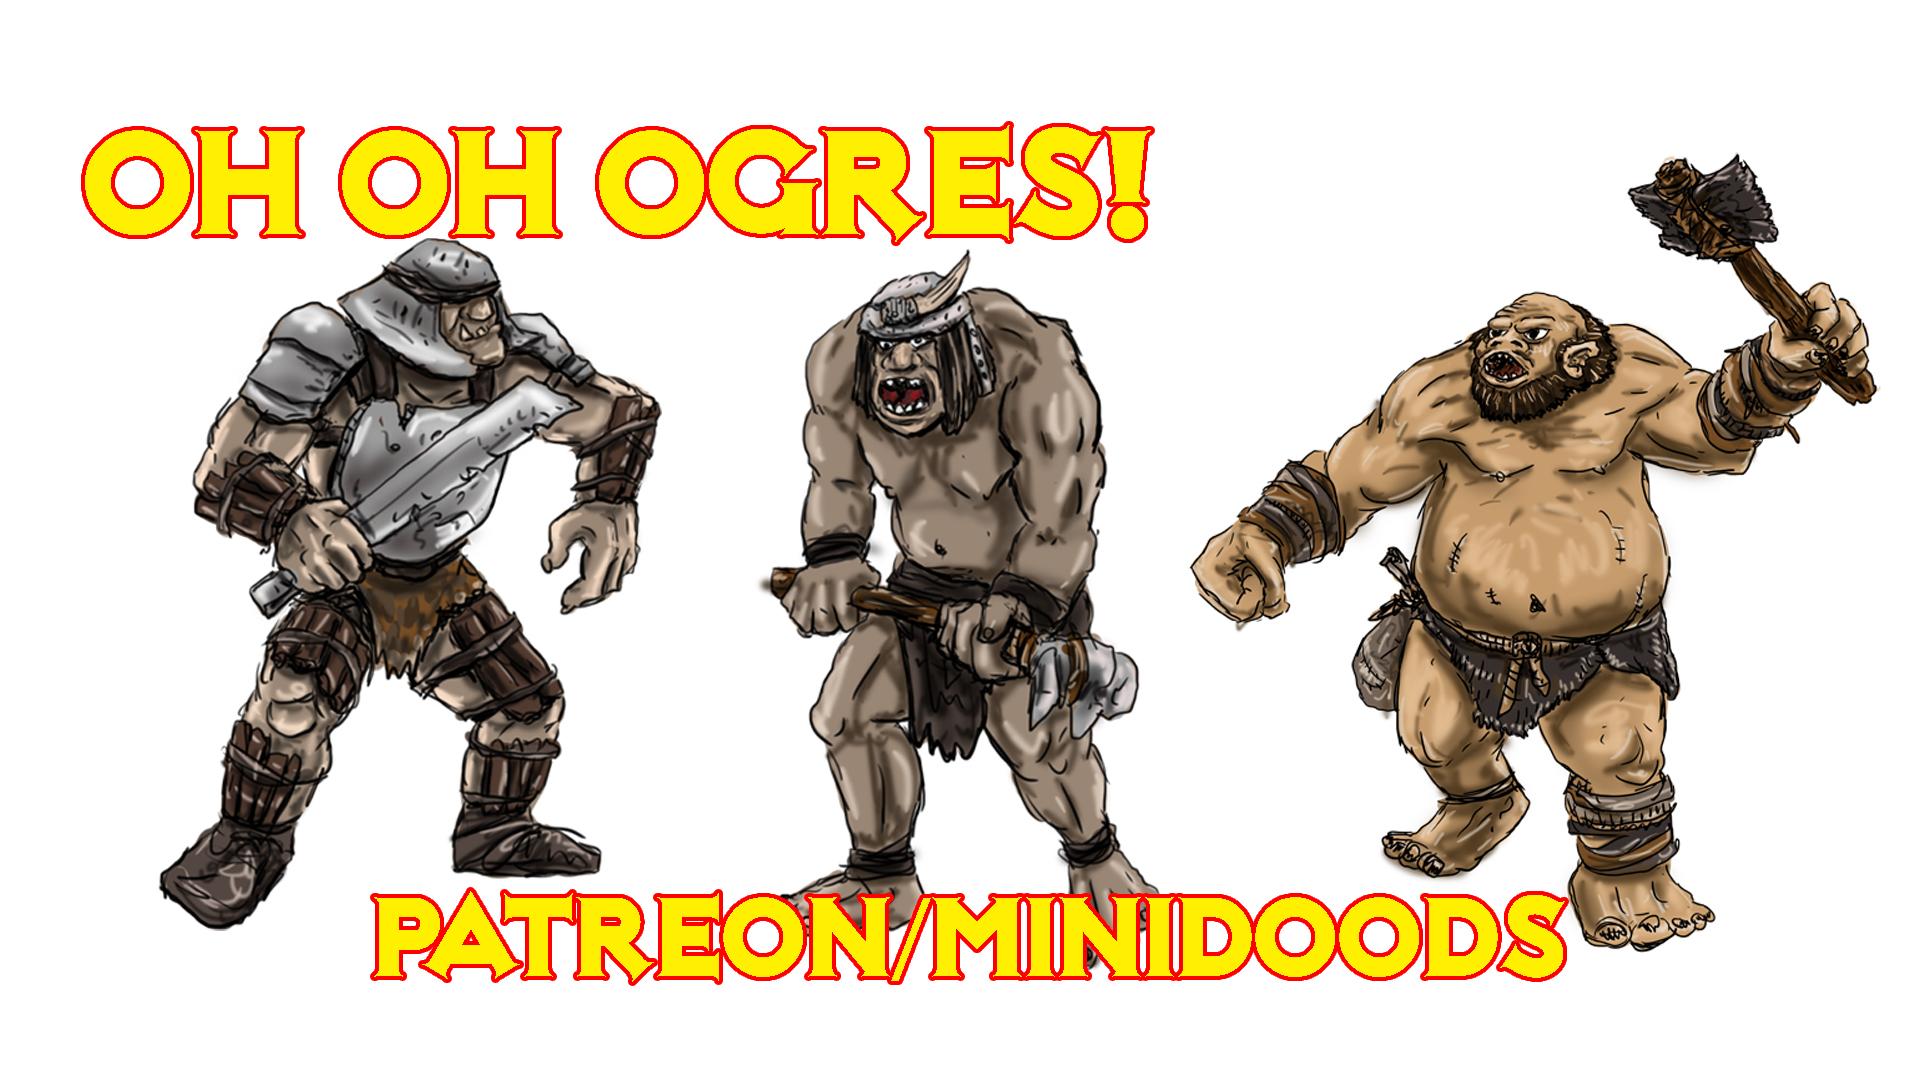 PROMO GROUP SHOT ogres